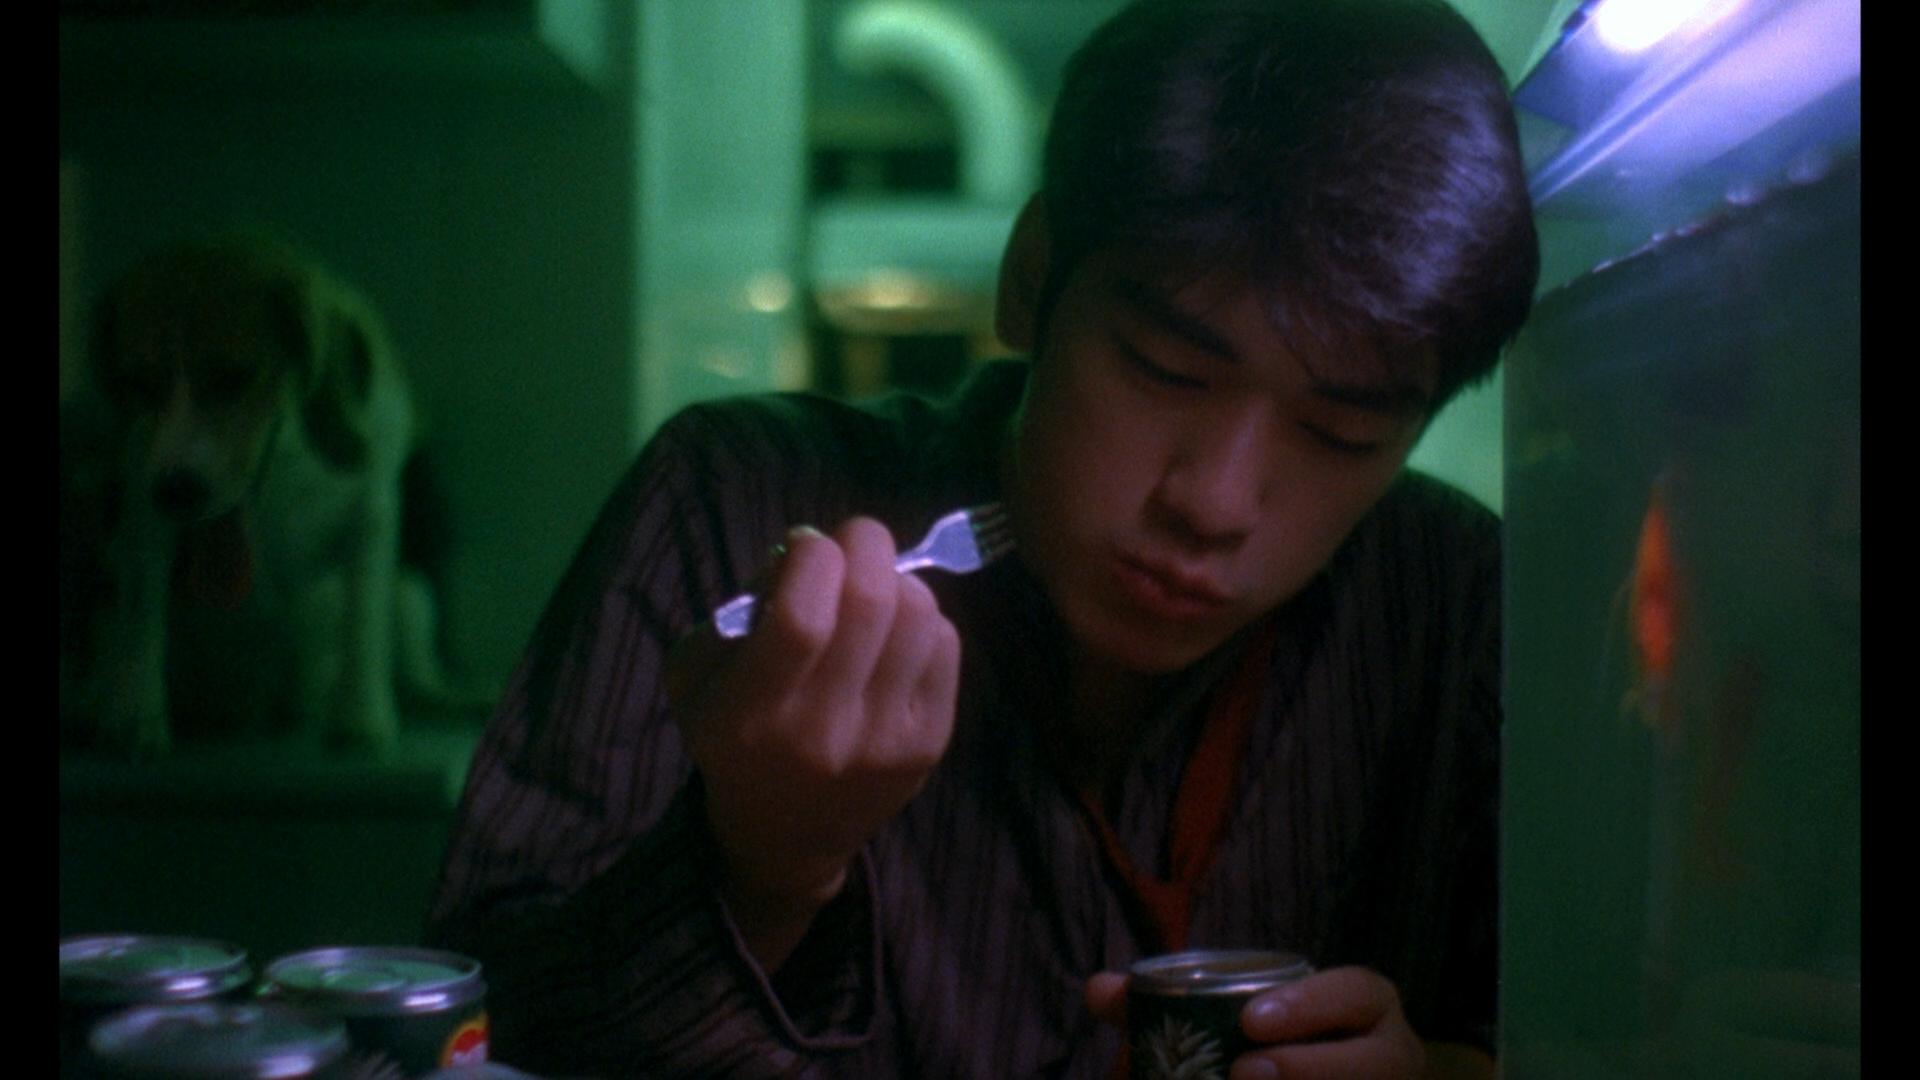 Chungking Express (1994) Director: Wong Kar-wai Cinematography: Christopher Doyle/Lau Wai-keung